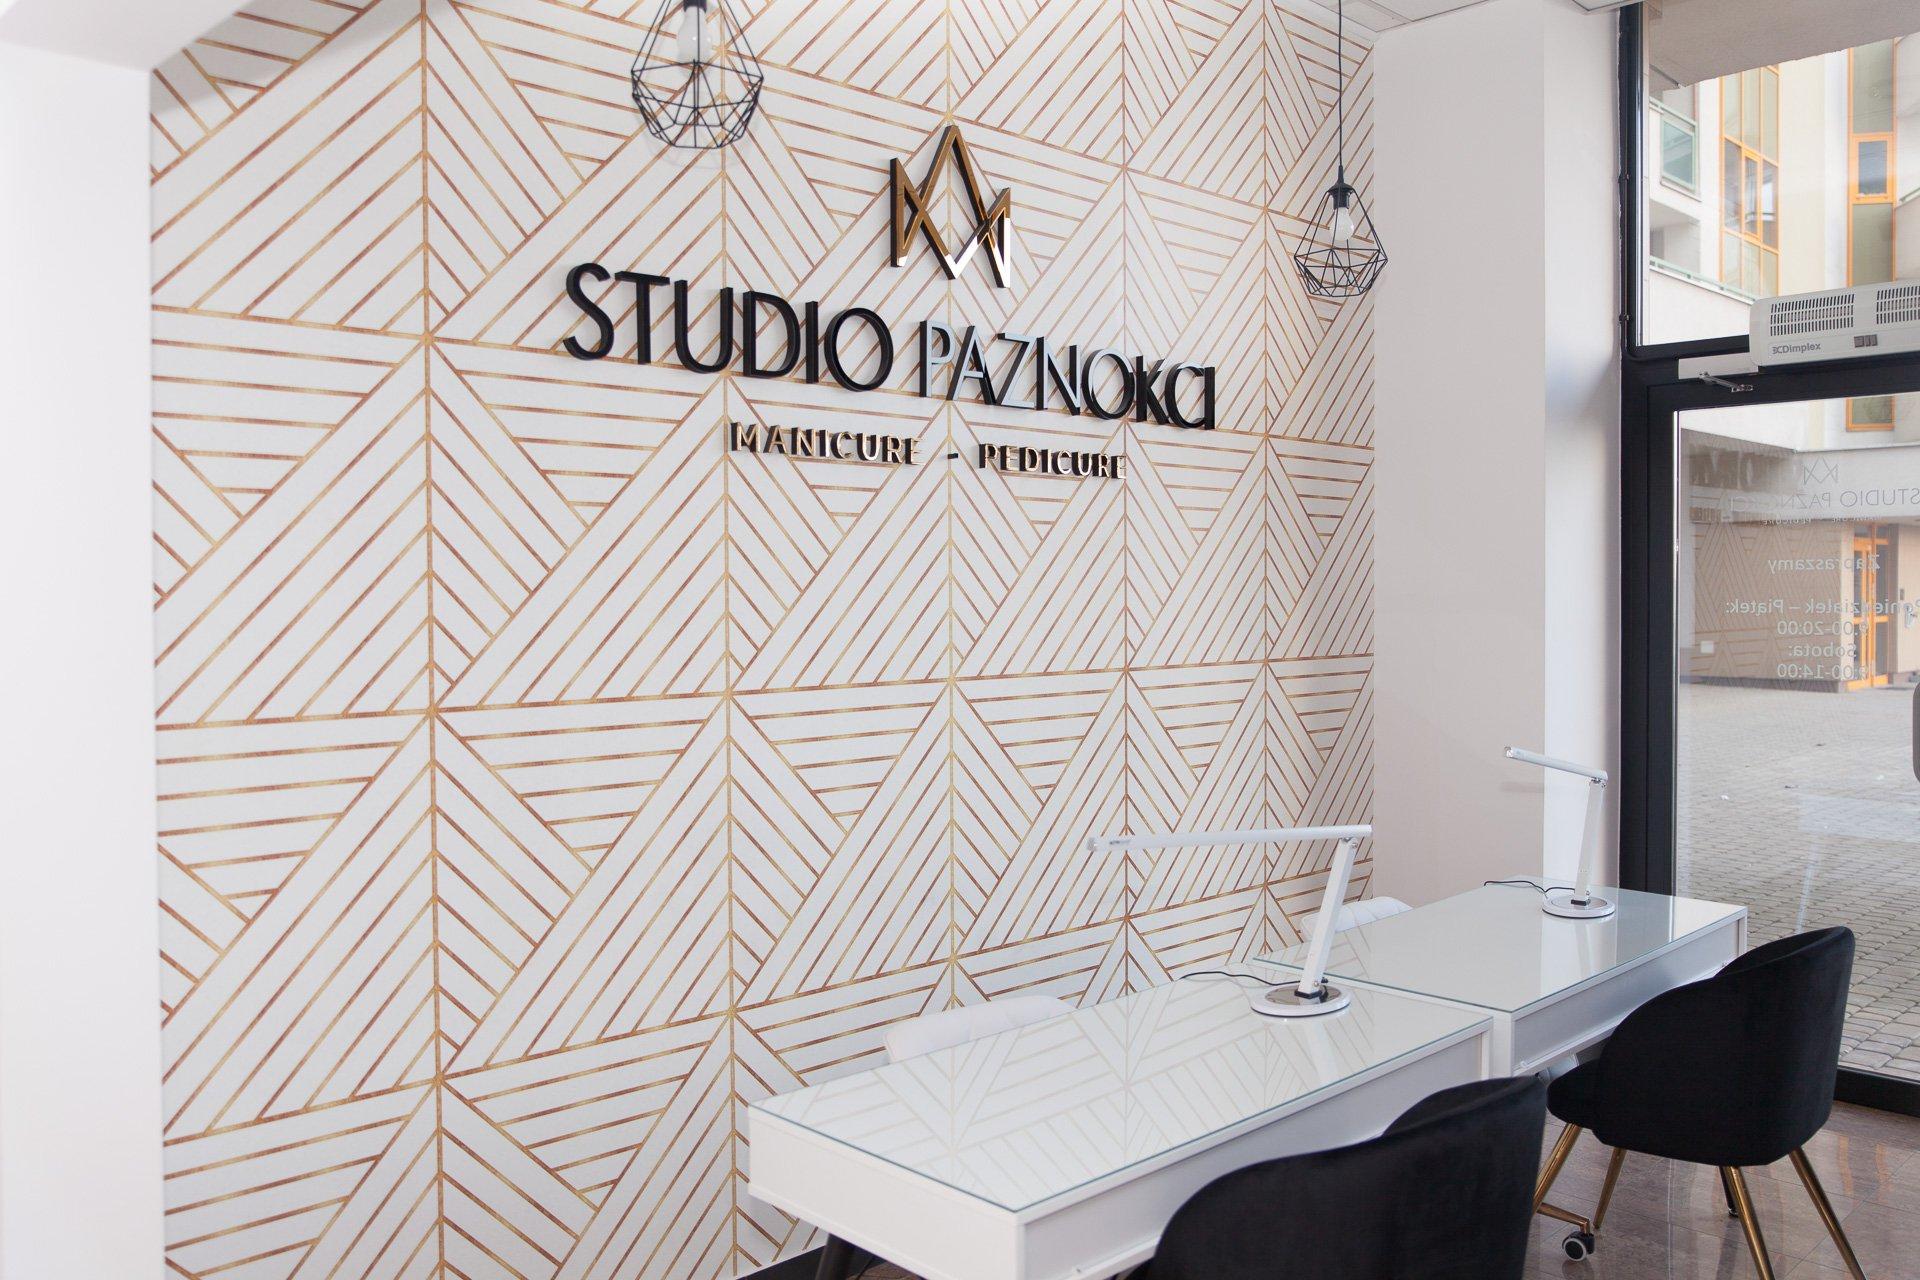 Profesjonalny Manicure I Pedicure W Rzeszowie Studio Paznokci